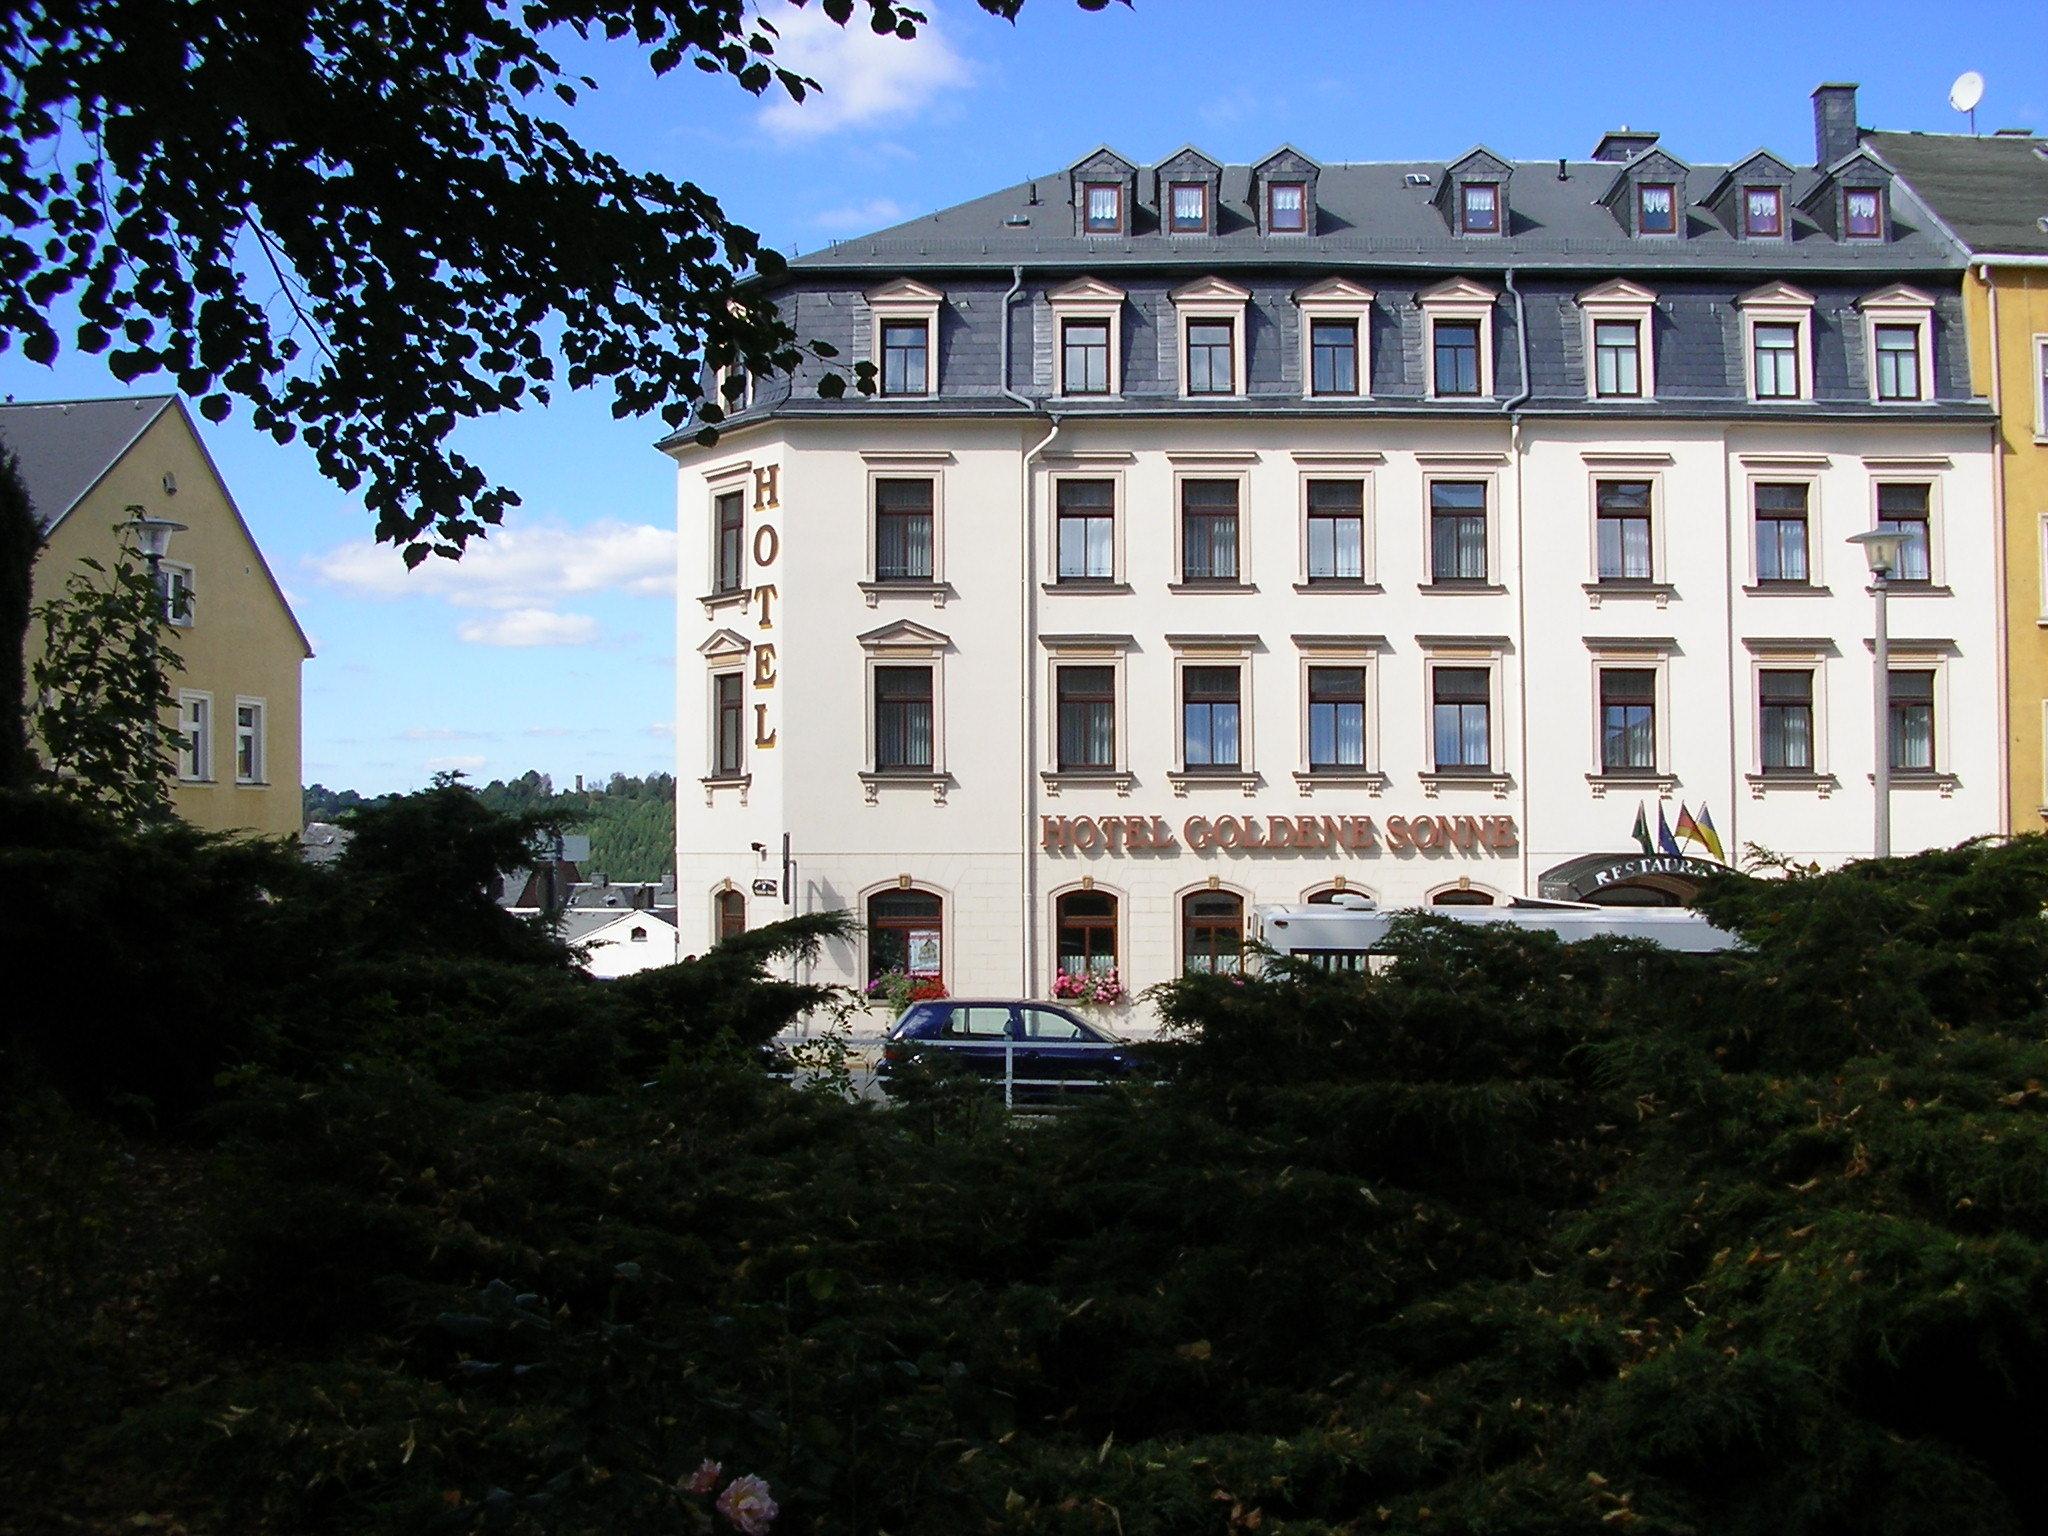 Hotel Goldene Sonne in Annaberg-Buchholz – HOTEL DE